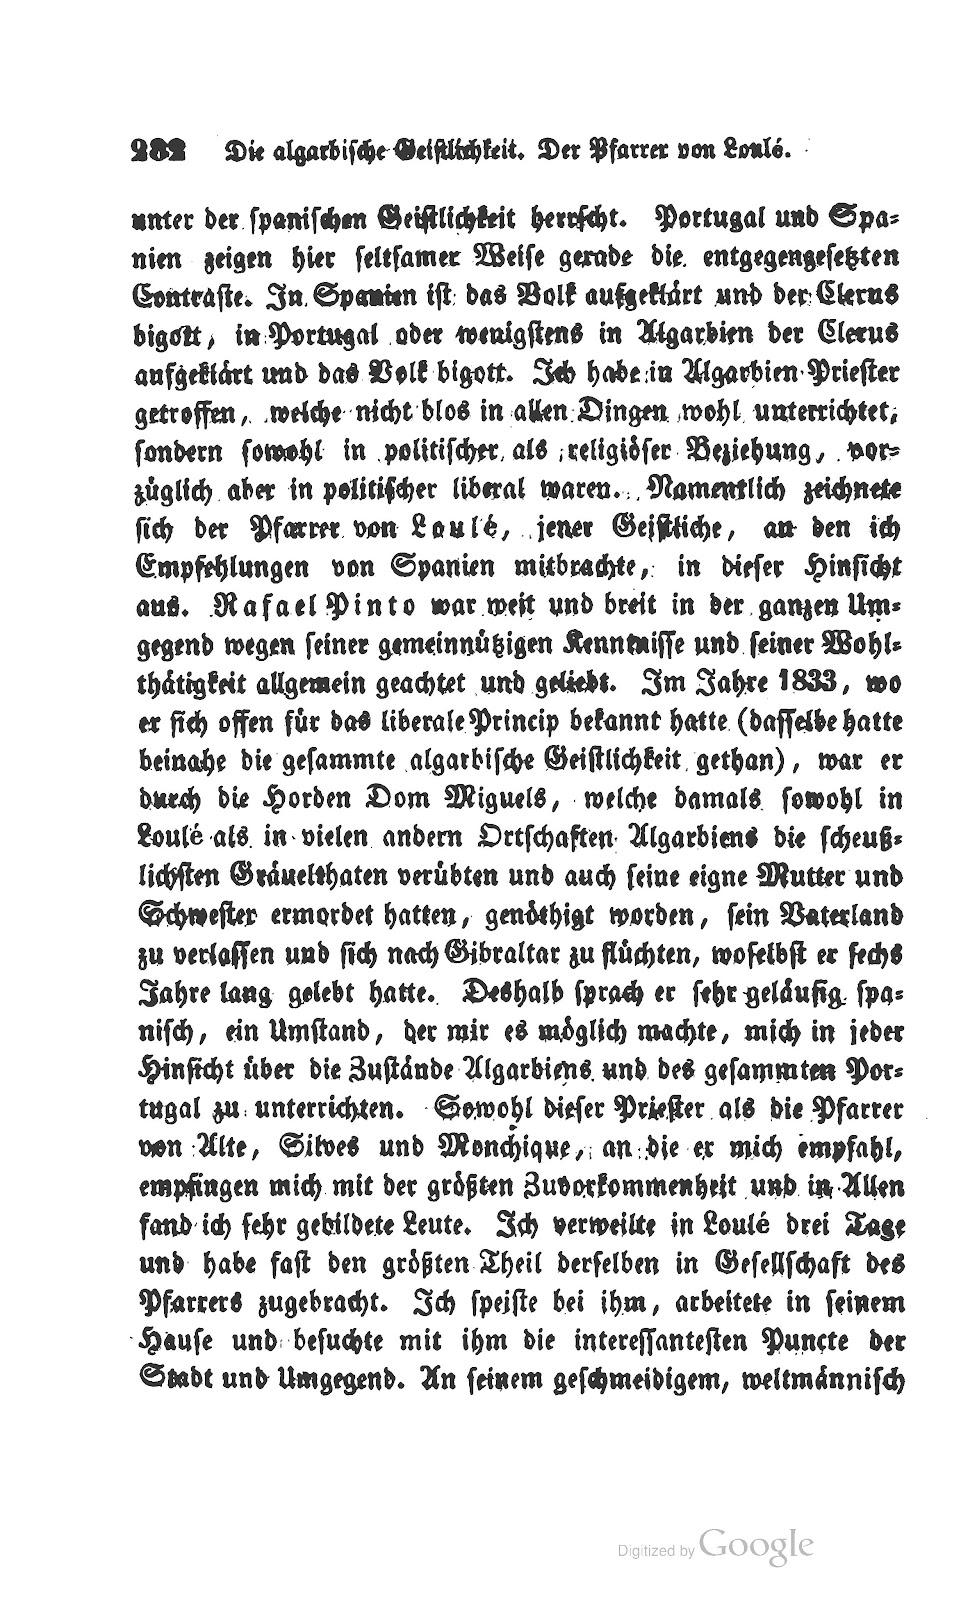 WIllkomm - 10. Kapitel Pages from Zwei_Jahre_in_Spanien_und_Portugal(3)_Page_24.jpg